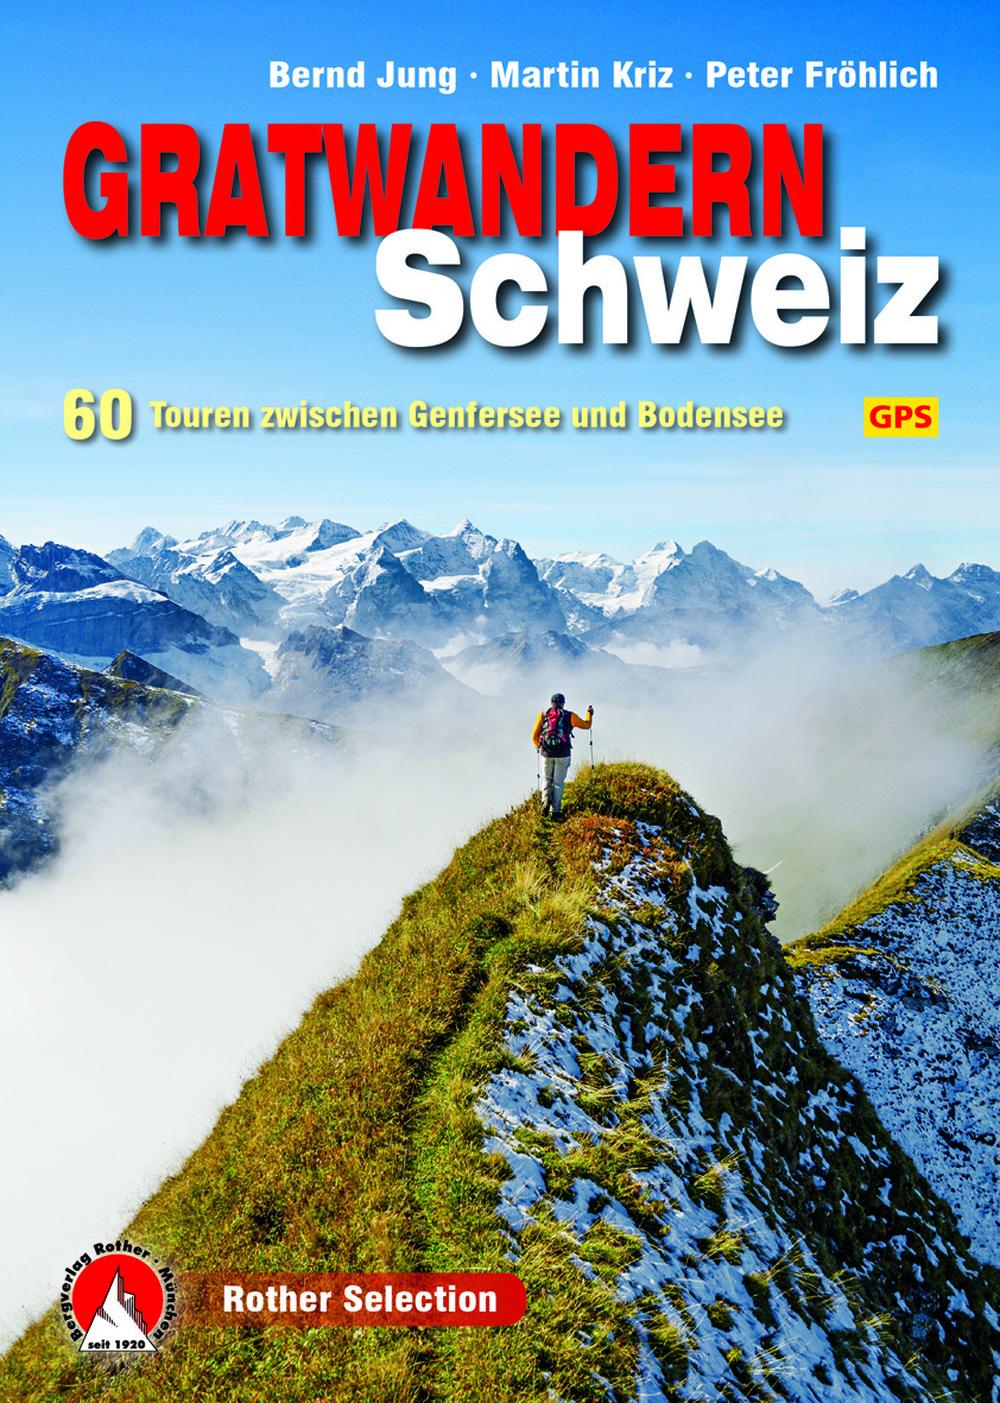 «Gratwandern Schweiz. 60 Touren zwischen Genfersee und Bodensee»